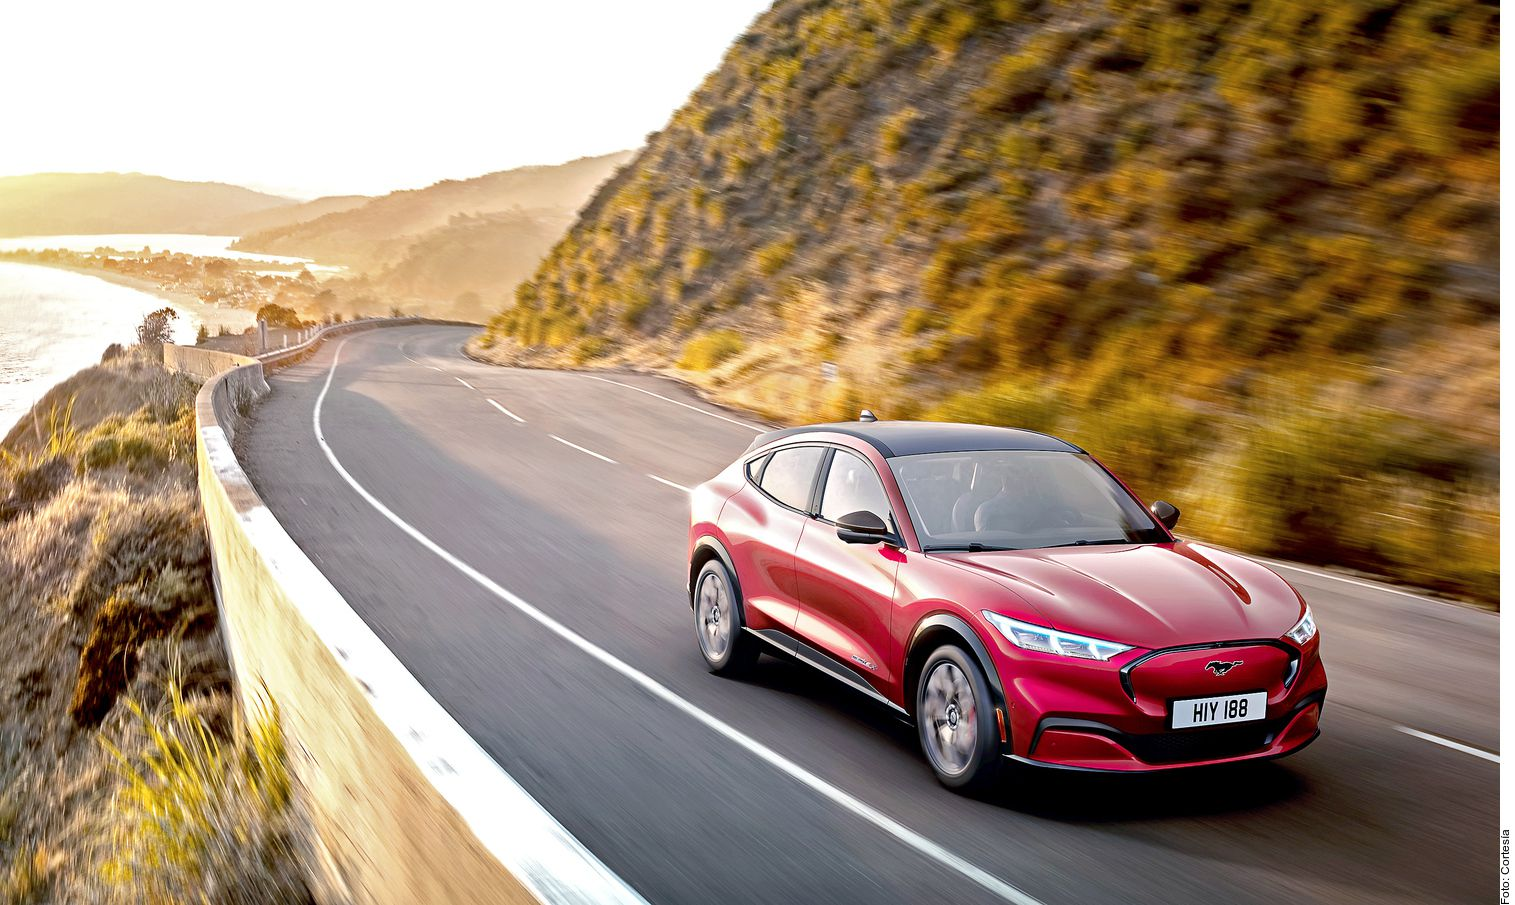 Con Ford Mach E inicia una nueva era, pues se trata de su primer crossover completamente eléctrico. Está inspirado en el Mustang y su nombre rinde tributo al mítico Mach 1.